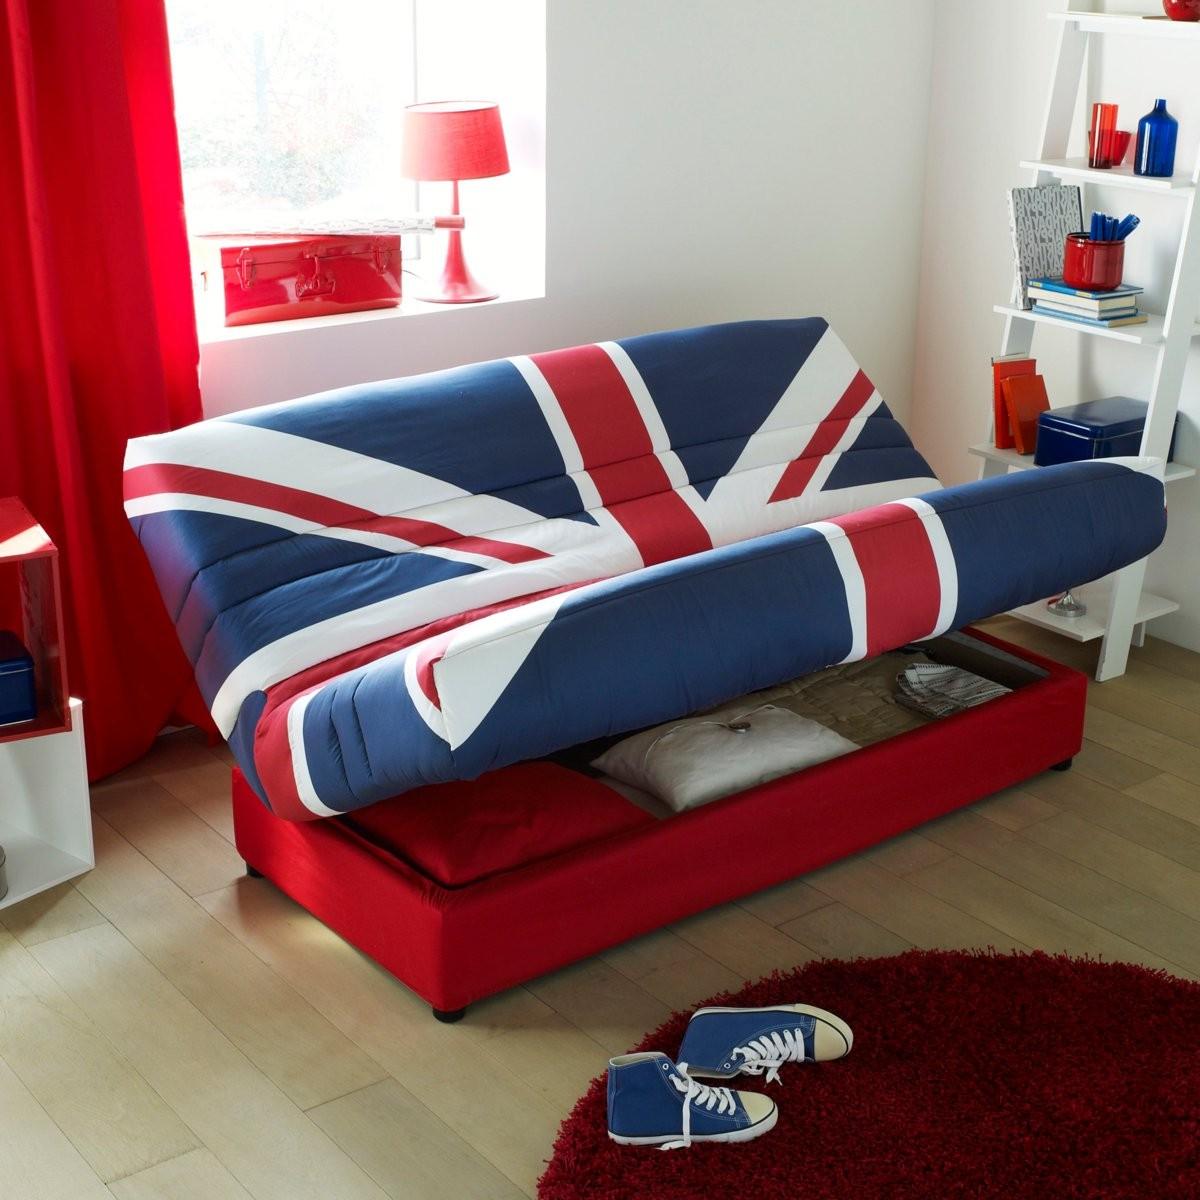 Petit canape pour chambre dado canap id es de for Petit canape pour chambre